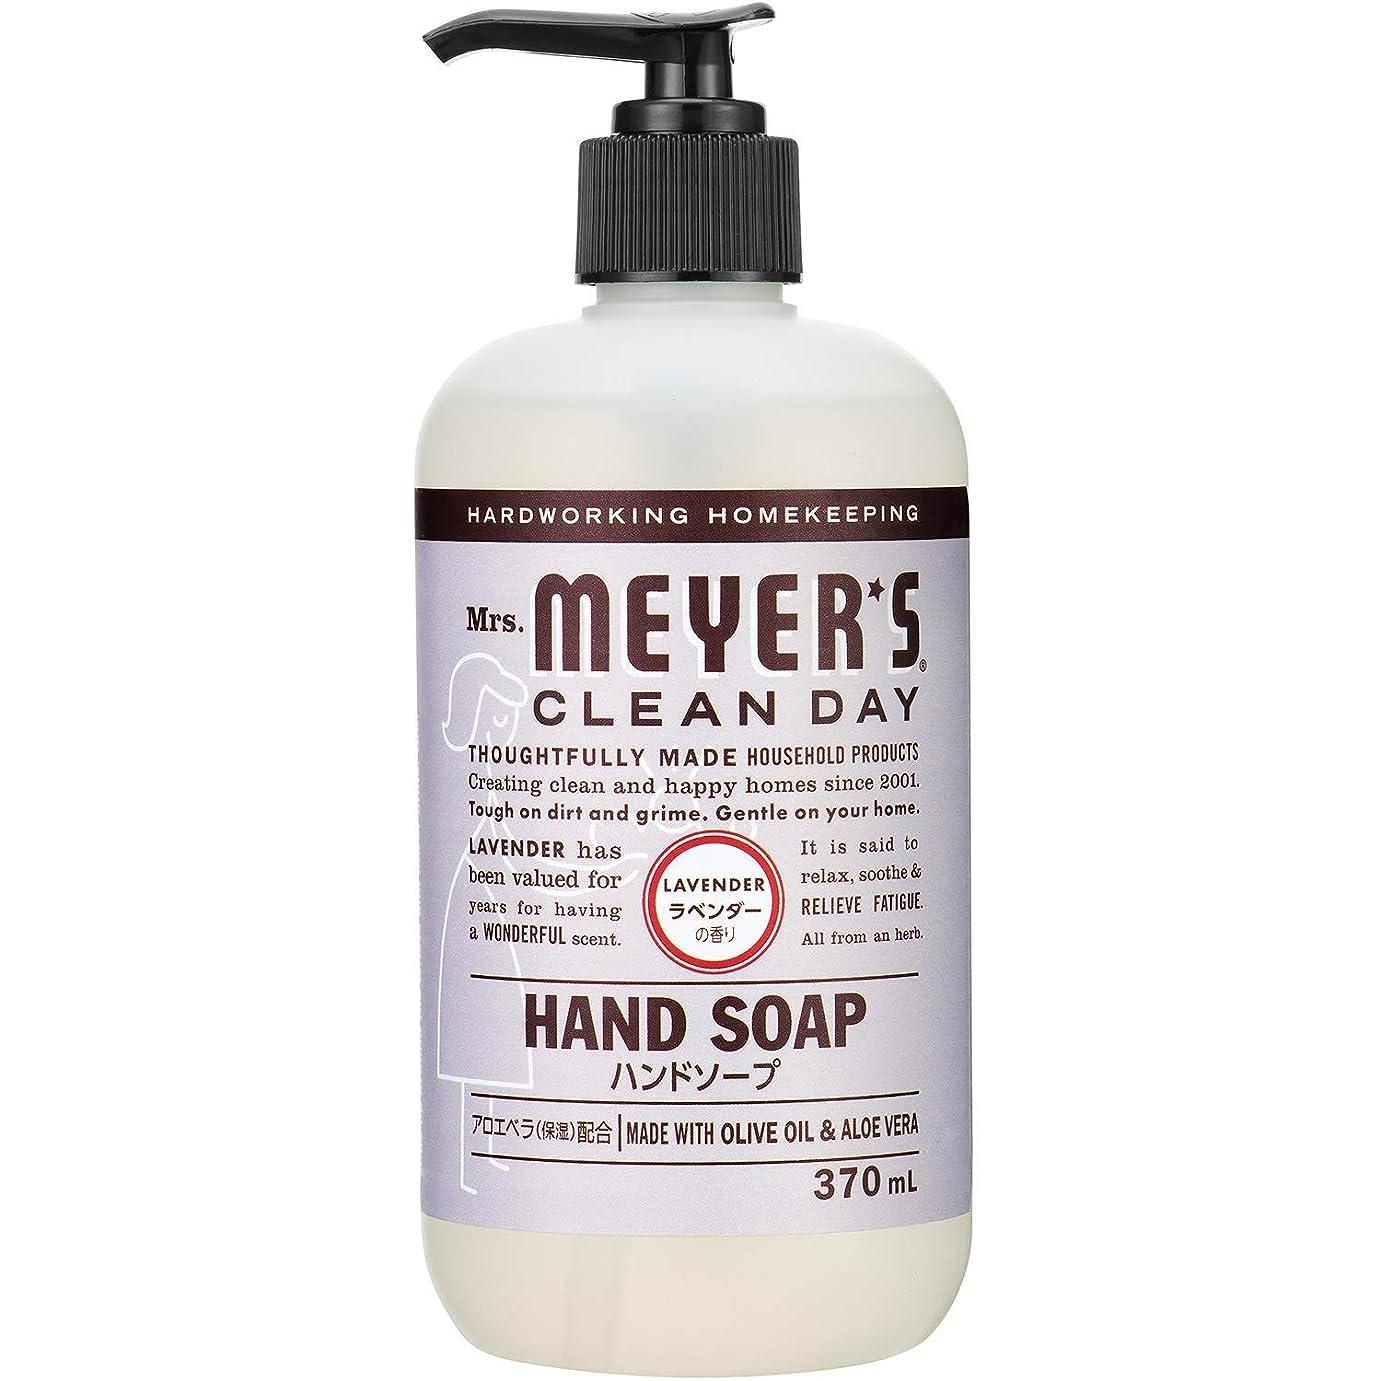 青写真画家レンダリングミセスマイヤーズ クリーンデイ(Mrs.Meyers Clean Day) ハンドソープ ラベンダーの香り 370ml